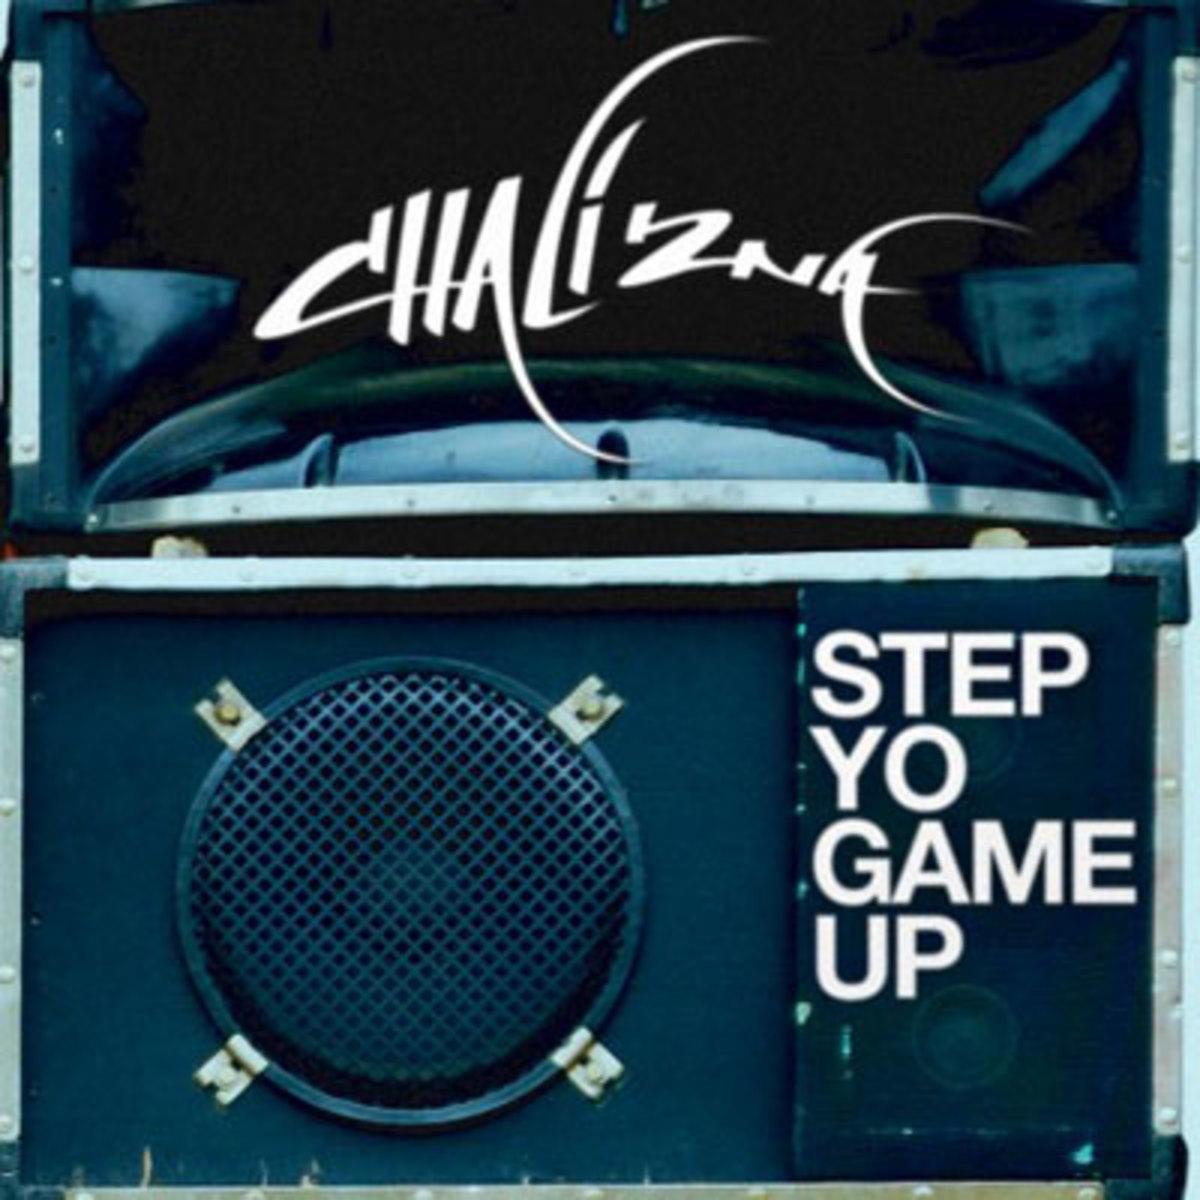 chali2na-stepyogameup.jpg